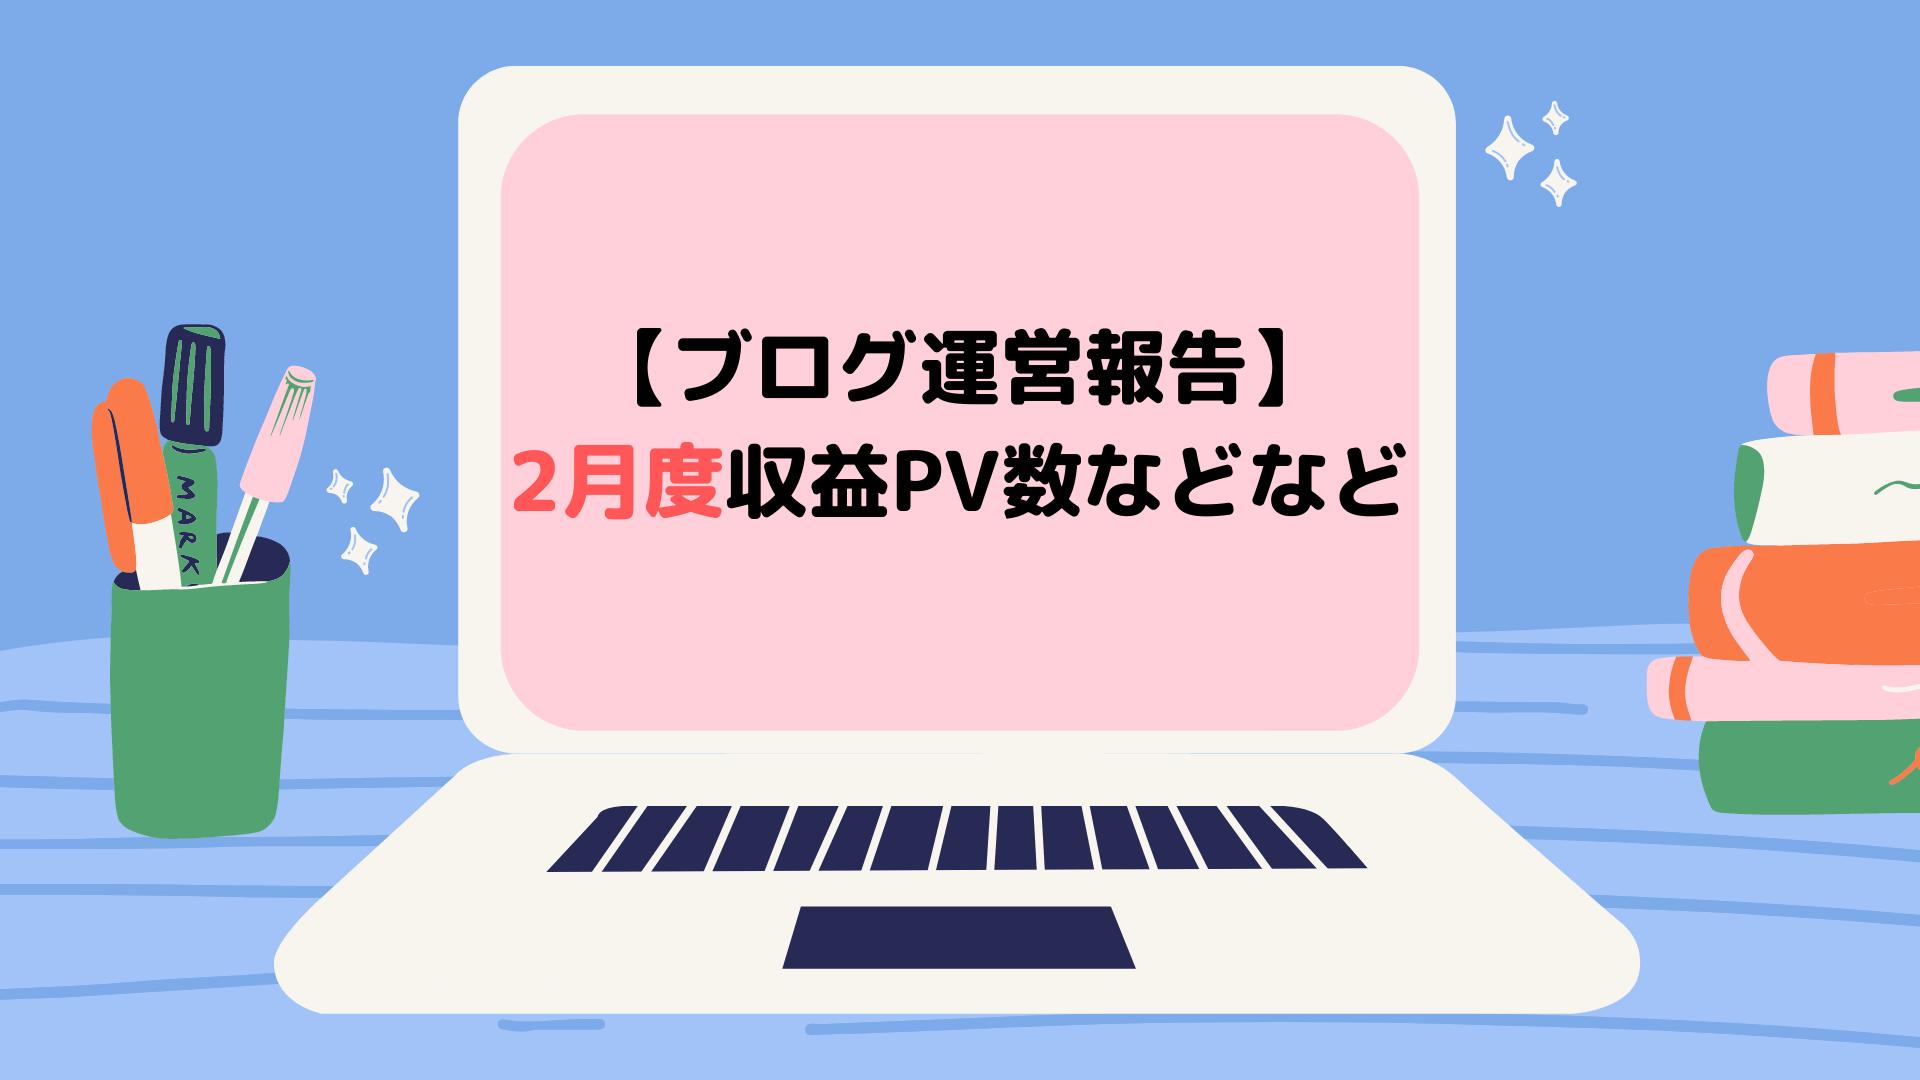 【ブログ運営報告】2月度収益PV数などなどアイキャッチ